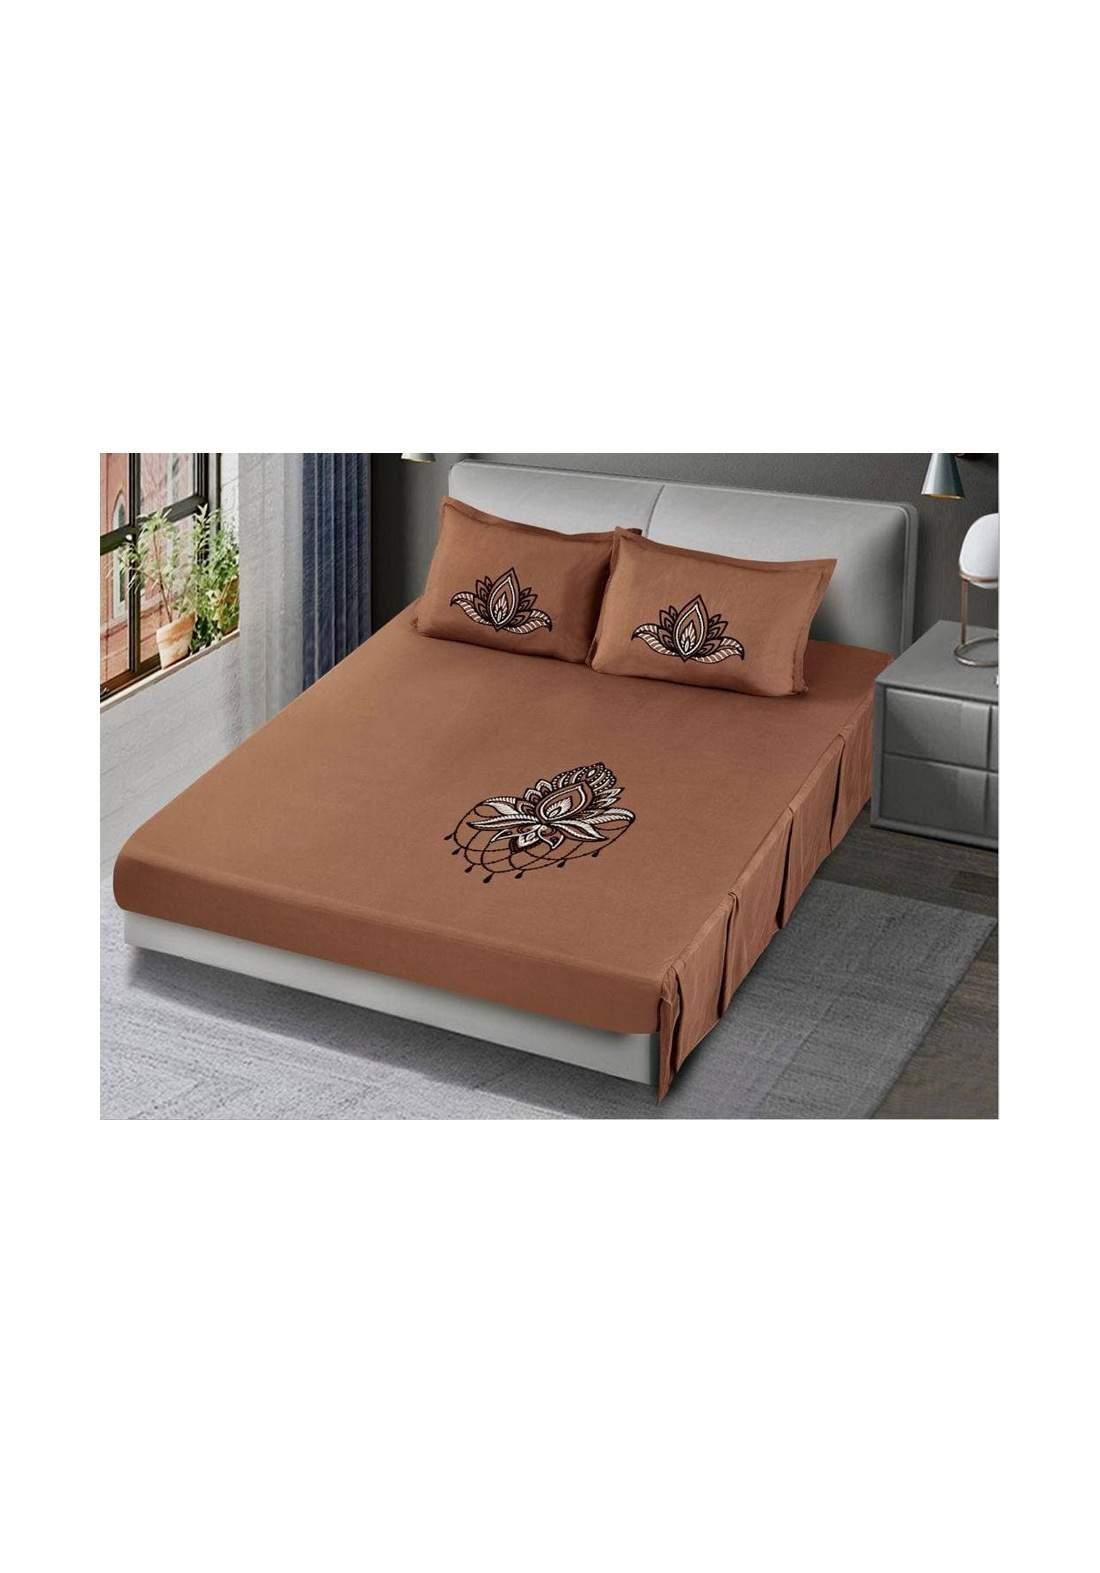 طقم شرشف سرير نفرين  من لورنس انكلاند هوم